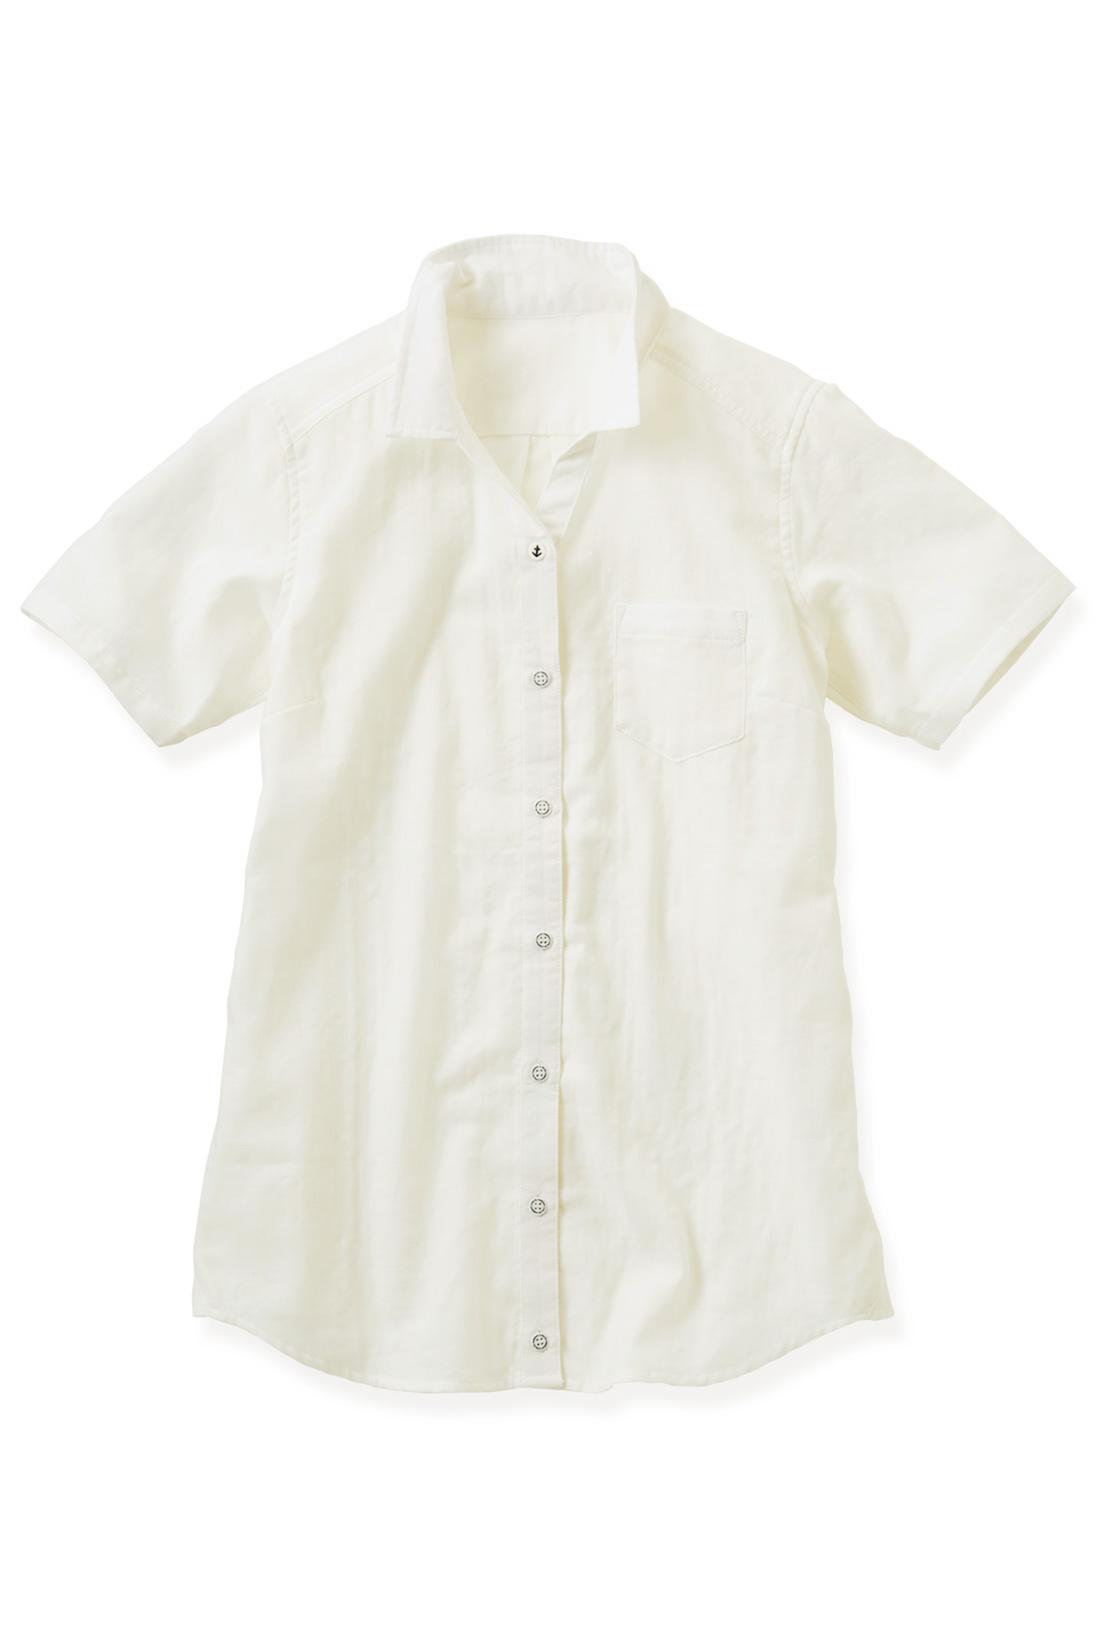 永遠の定番カラー【オフホワイト】 やや長めの半袖だから、二の腕を自然にカバー。